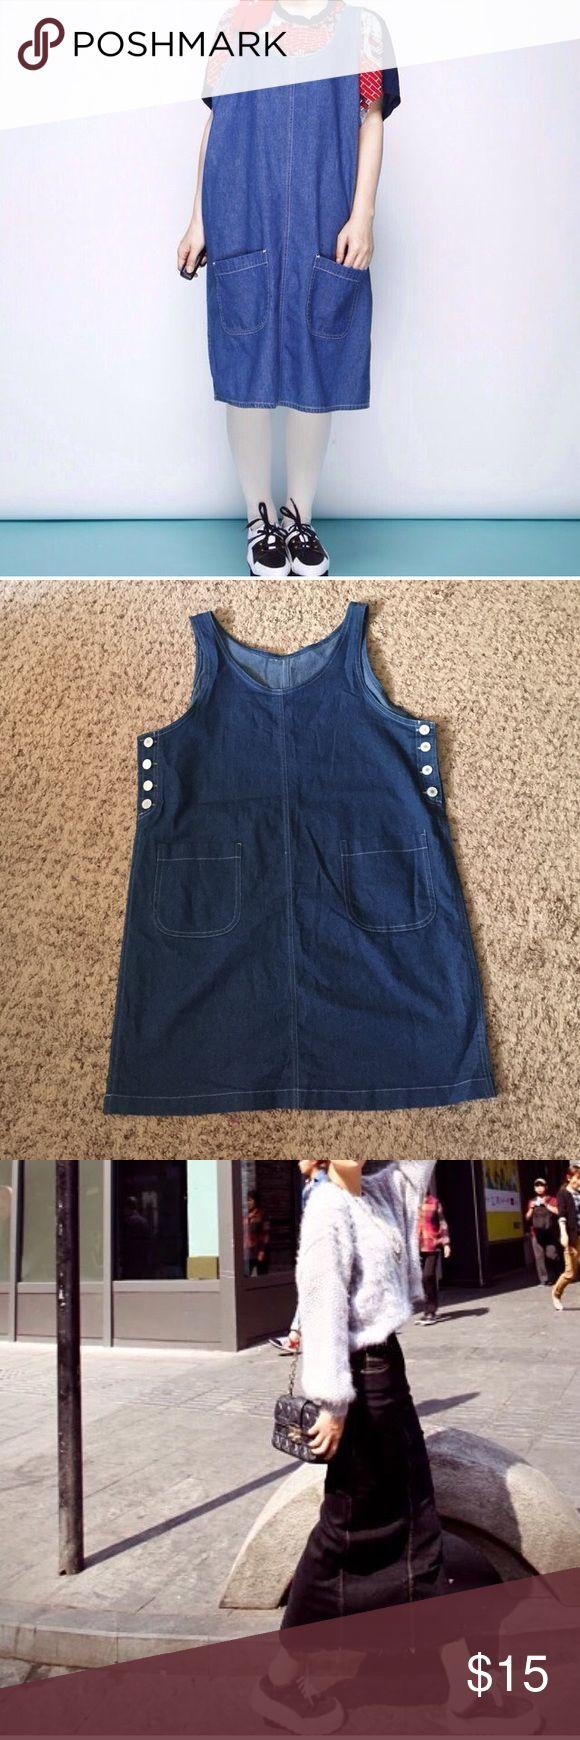 Vintage denim dress size. One size. Vintage denim dress size. One size. Denim skirt size M. Made in China Vintage Dresses